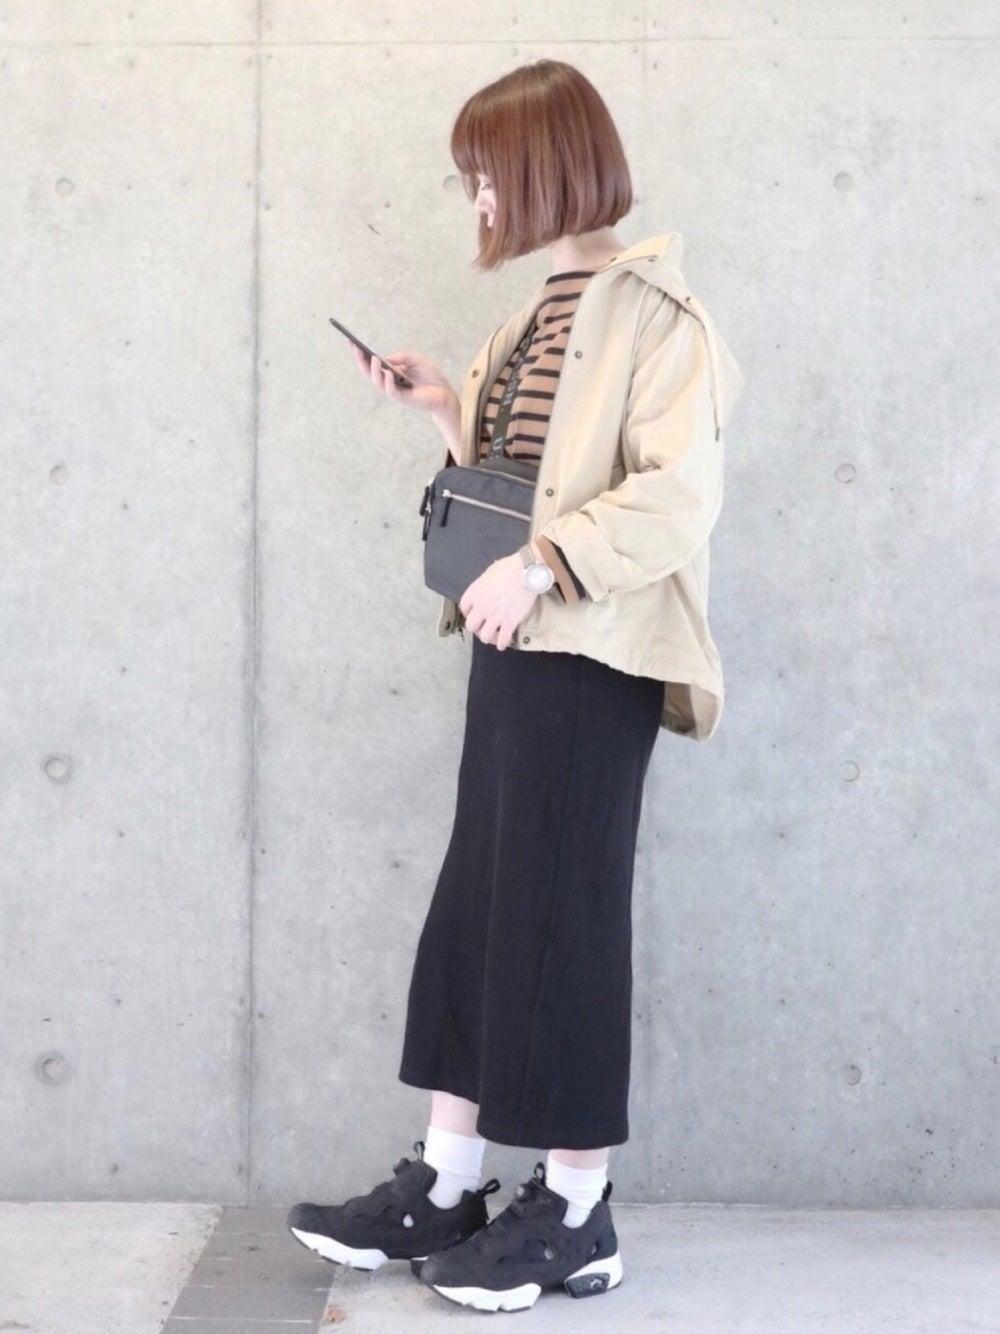 リブ スカート ユニクロ 【ユニクロ】今人気のスカートはこれ!メリノブレンドリブスカートで...